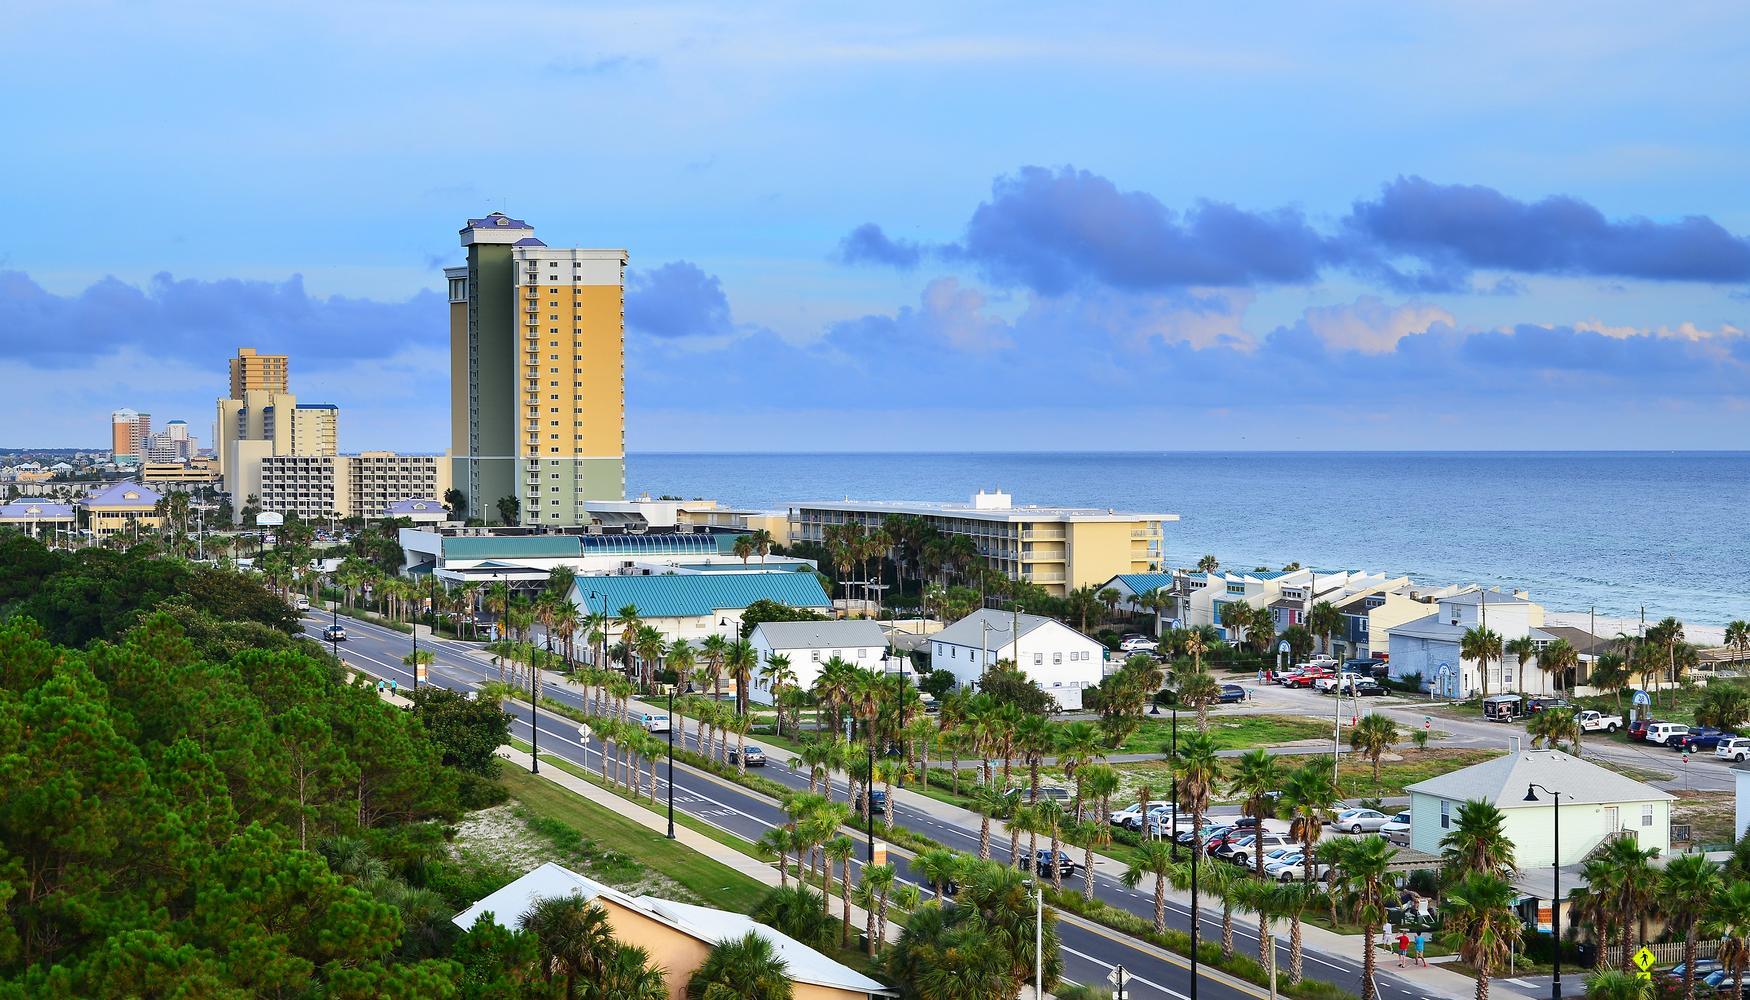 巴拿马城 西北佛罗里达海滩国际机场的租车